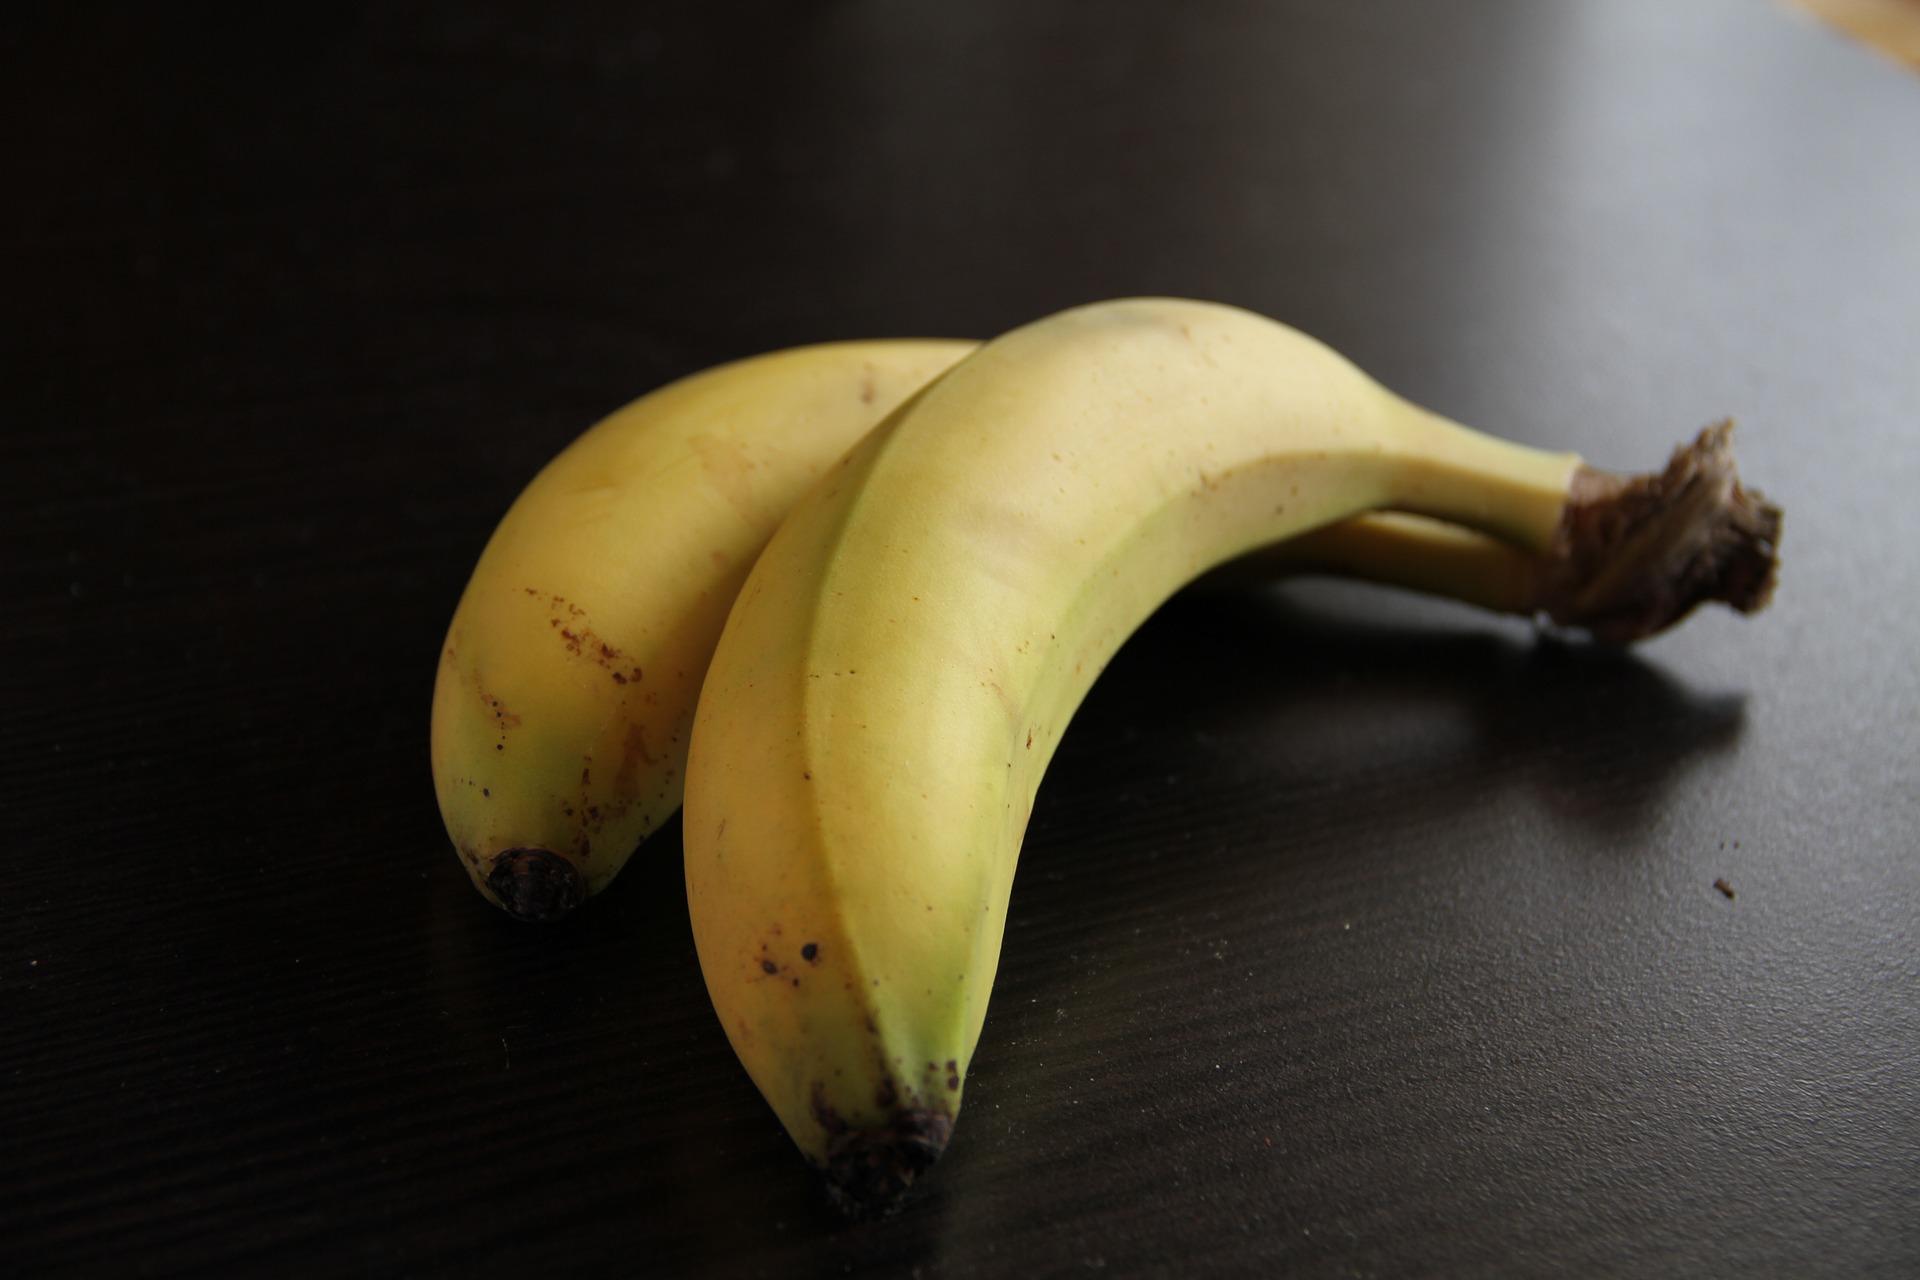 Guta banane